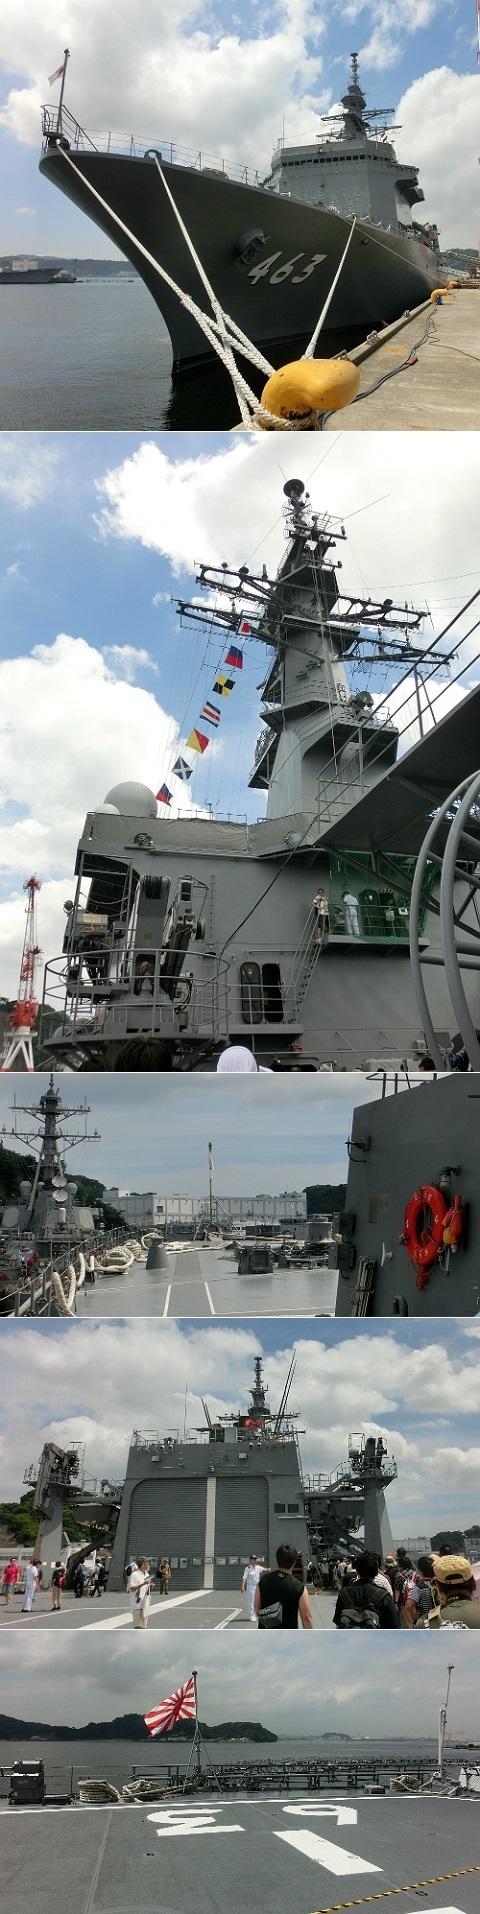 掃海母艦うらが MST463